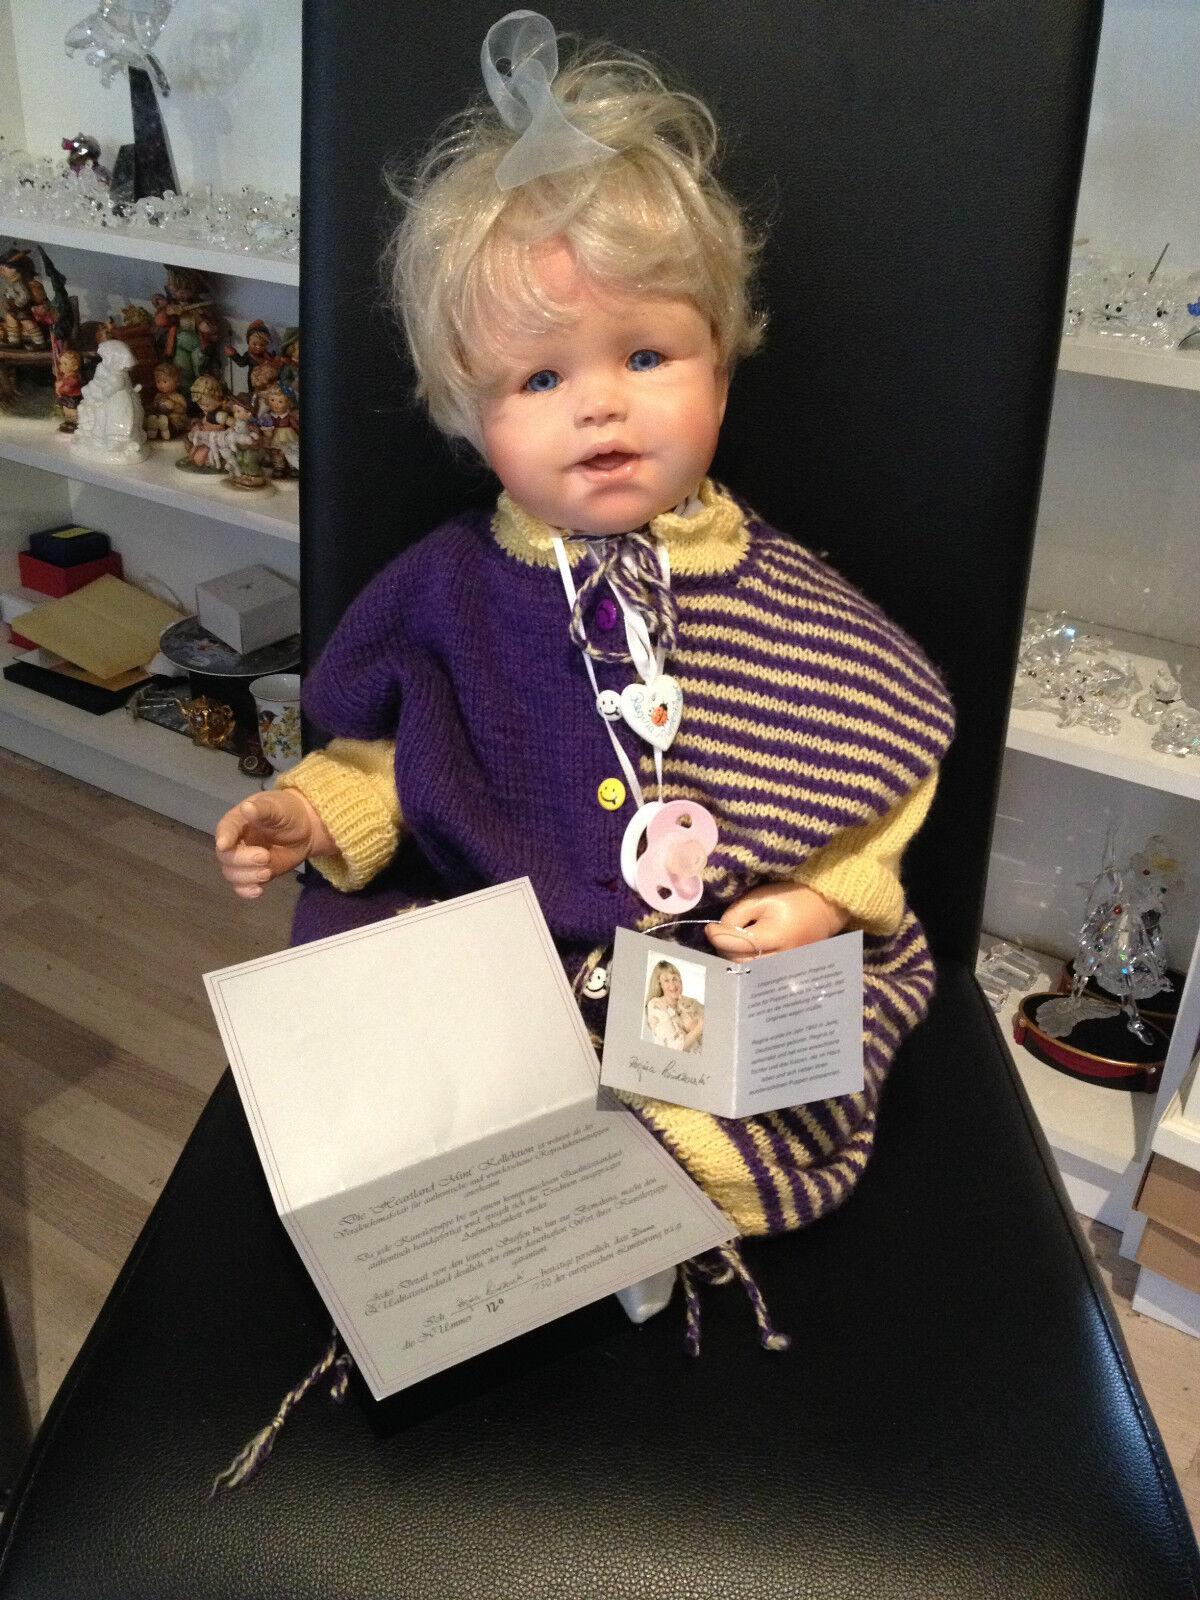 Regina swialkowski bambola Diana edizione limitata con certificato Top Condizione